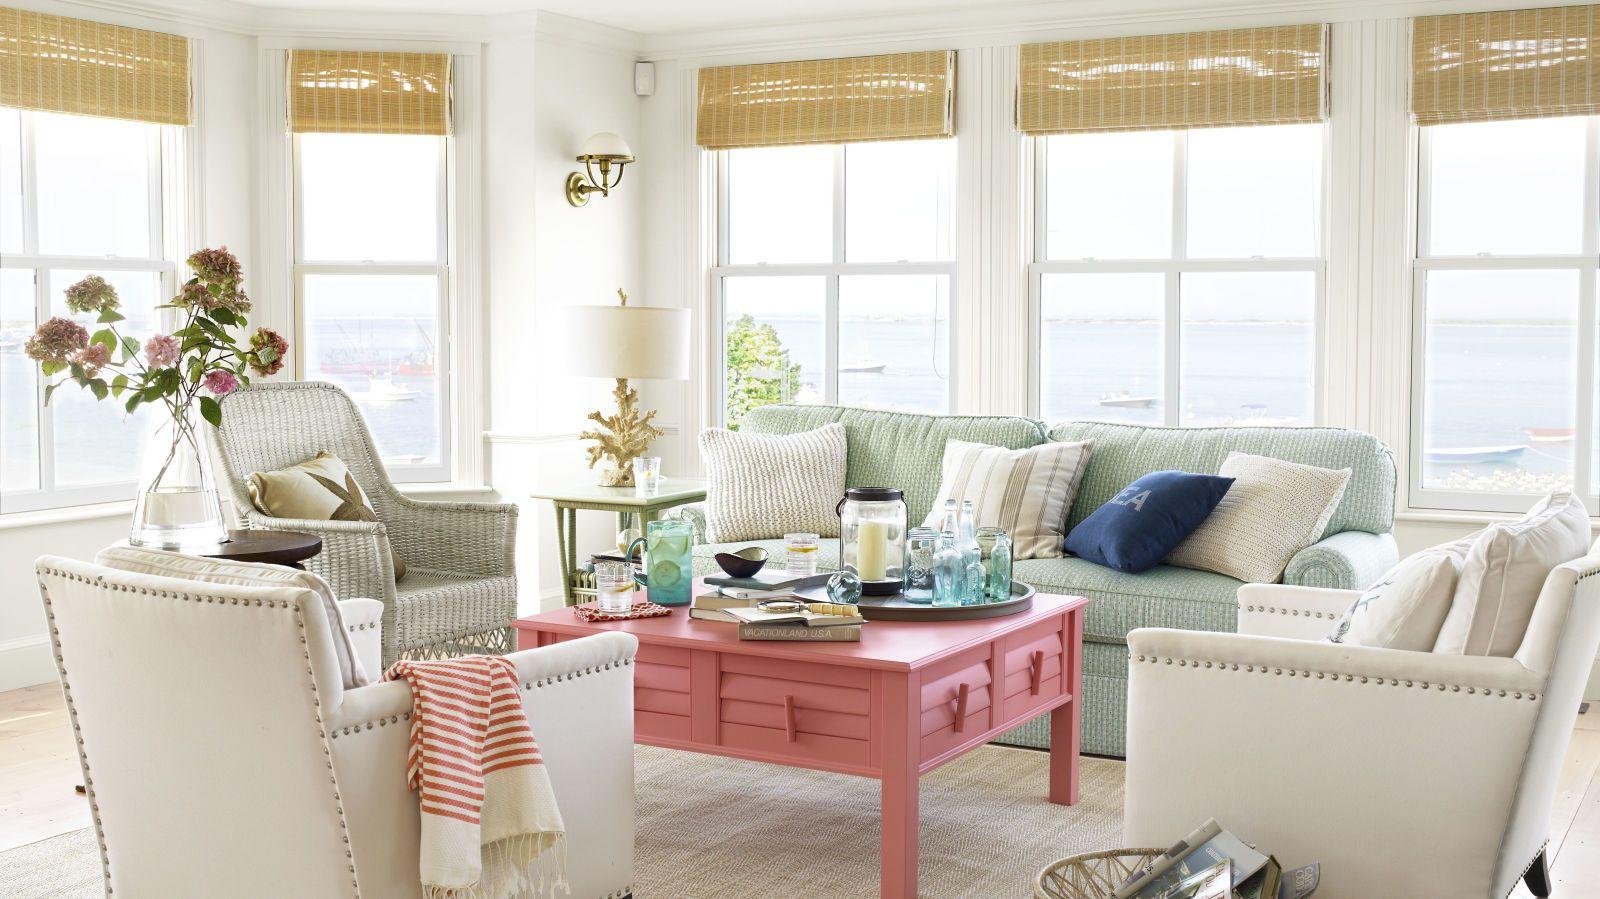 41 Easy Breezy Beach House Decorating Ideas | Beach, House and Room